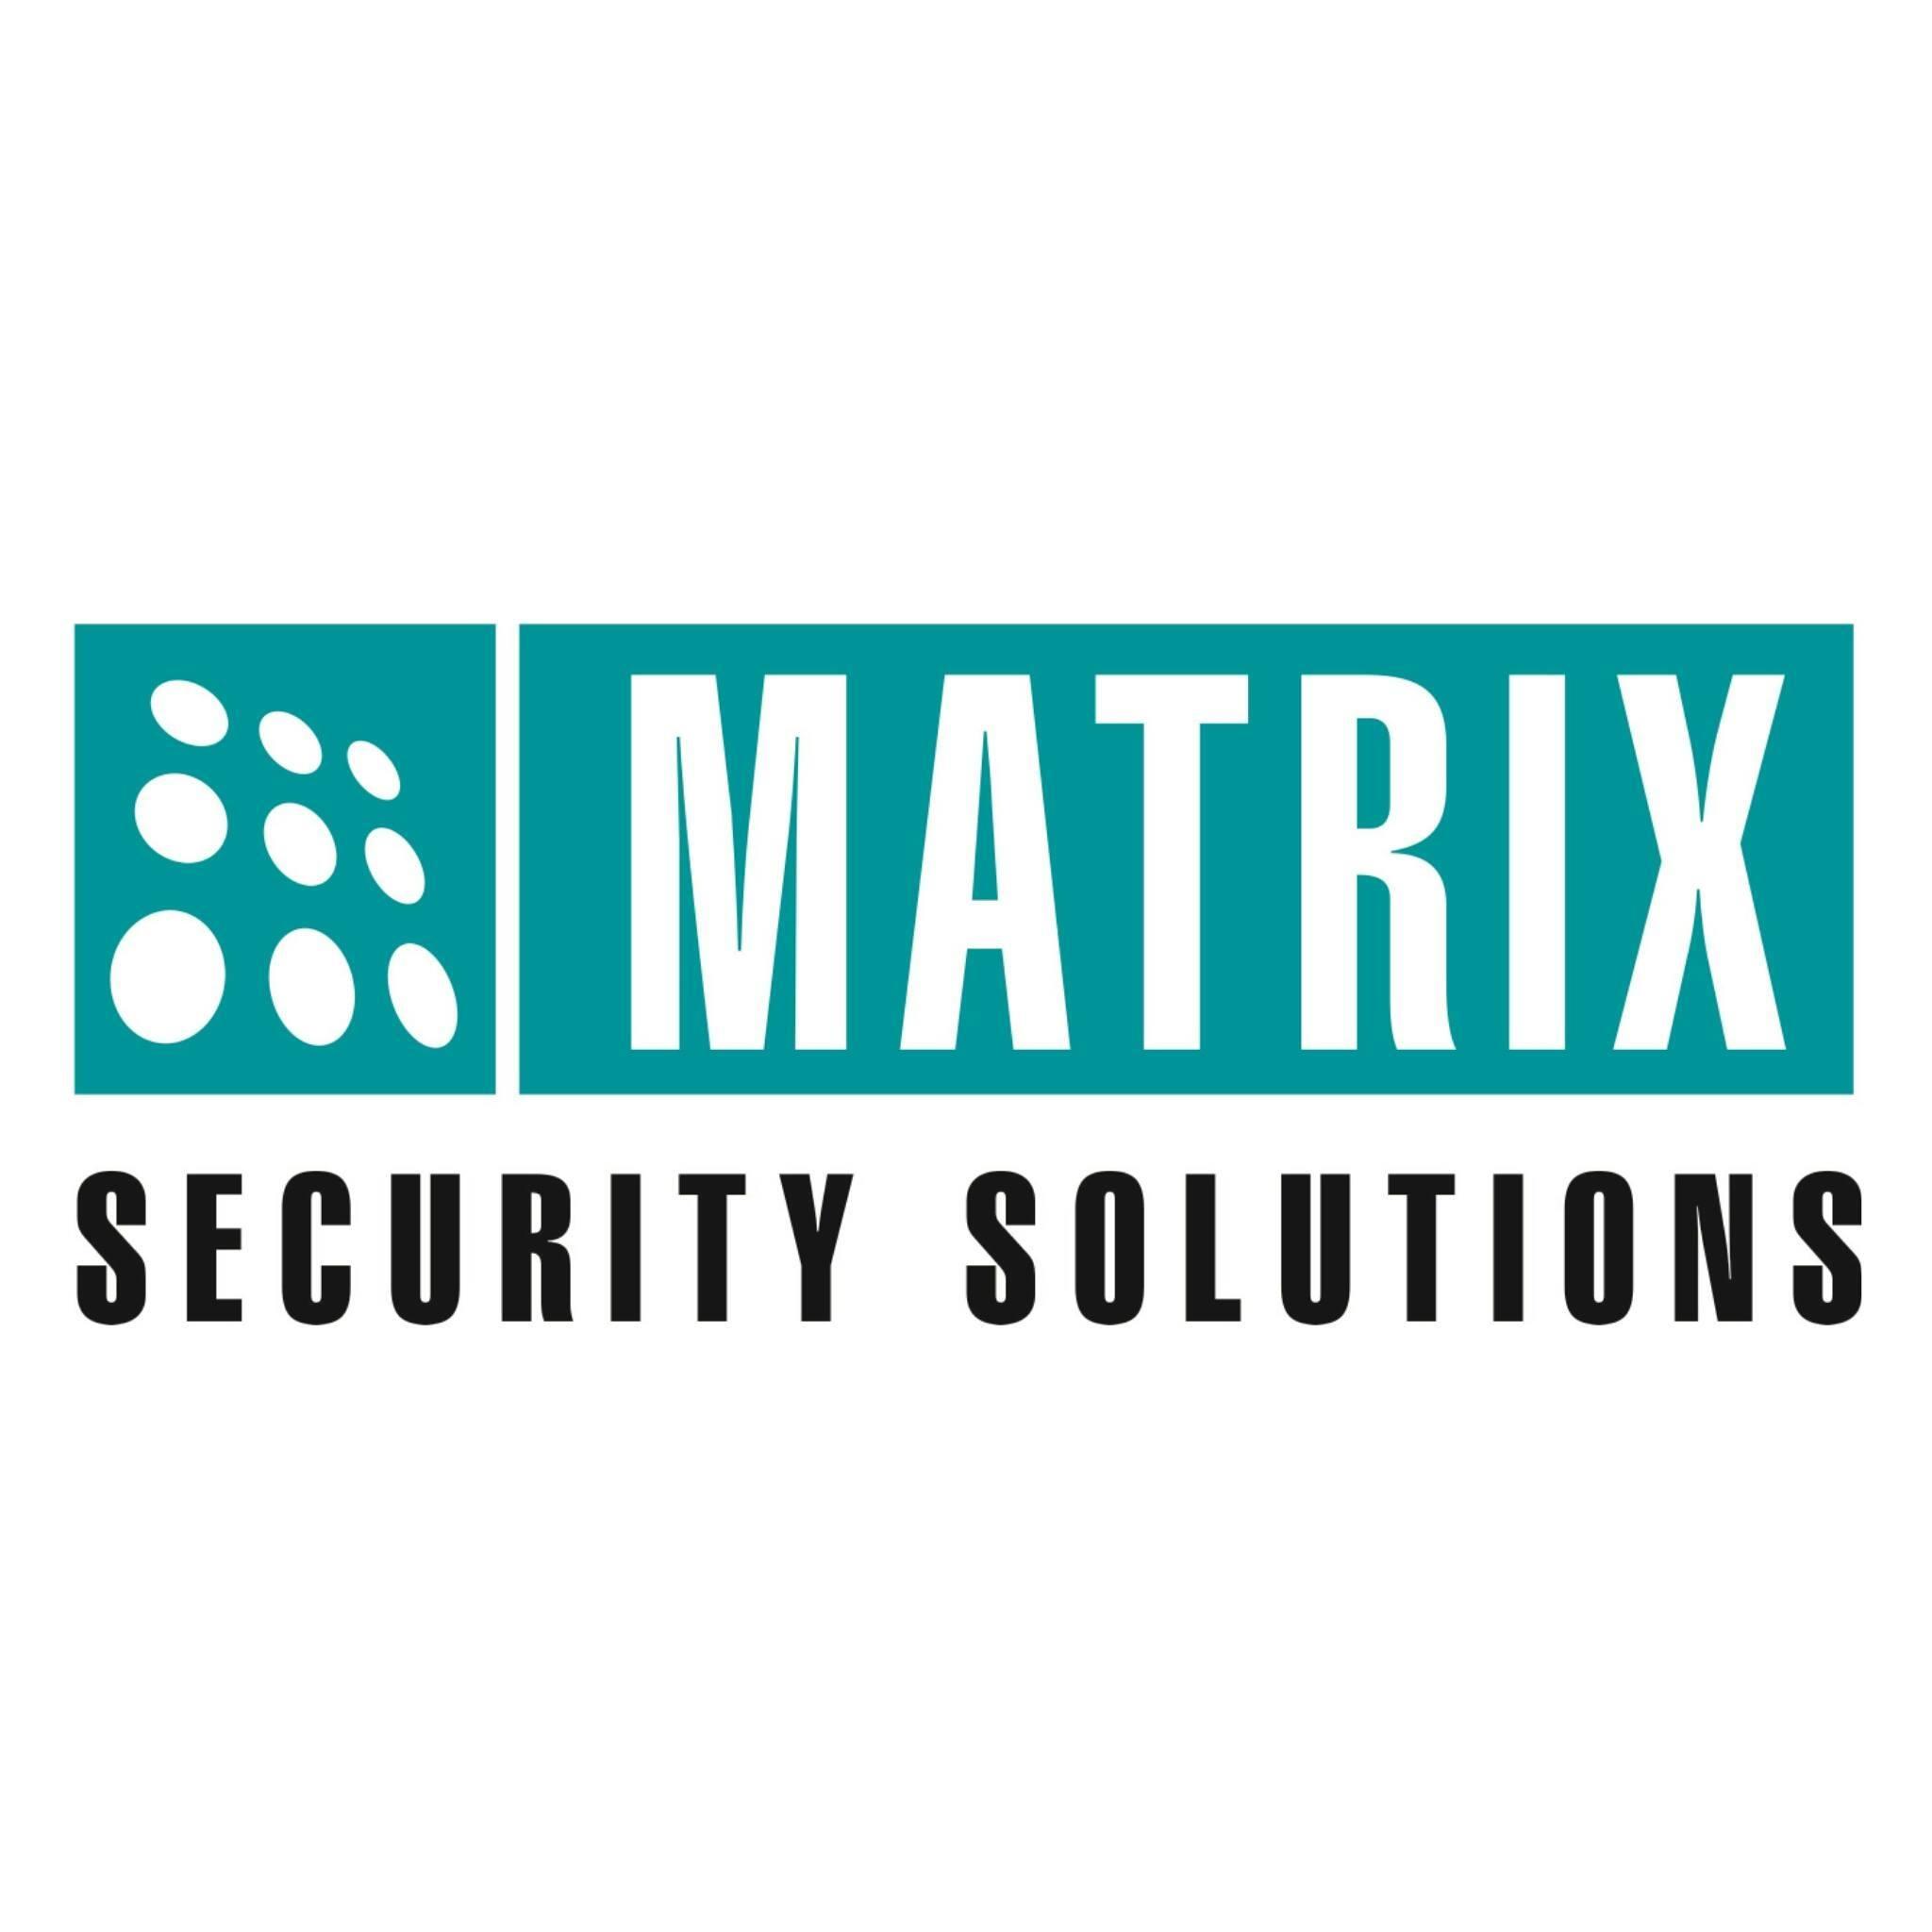 matrix  - matrix - Home